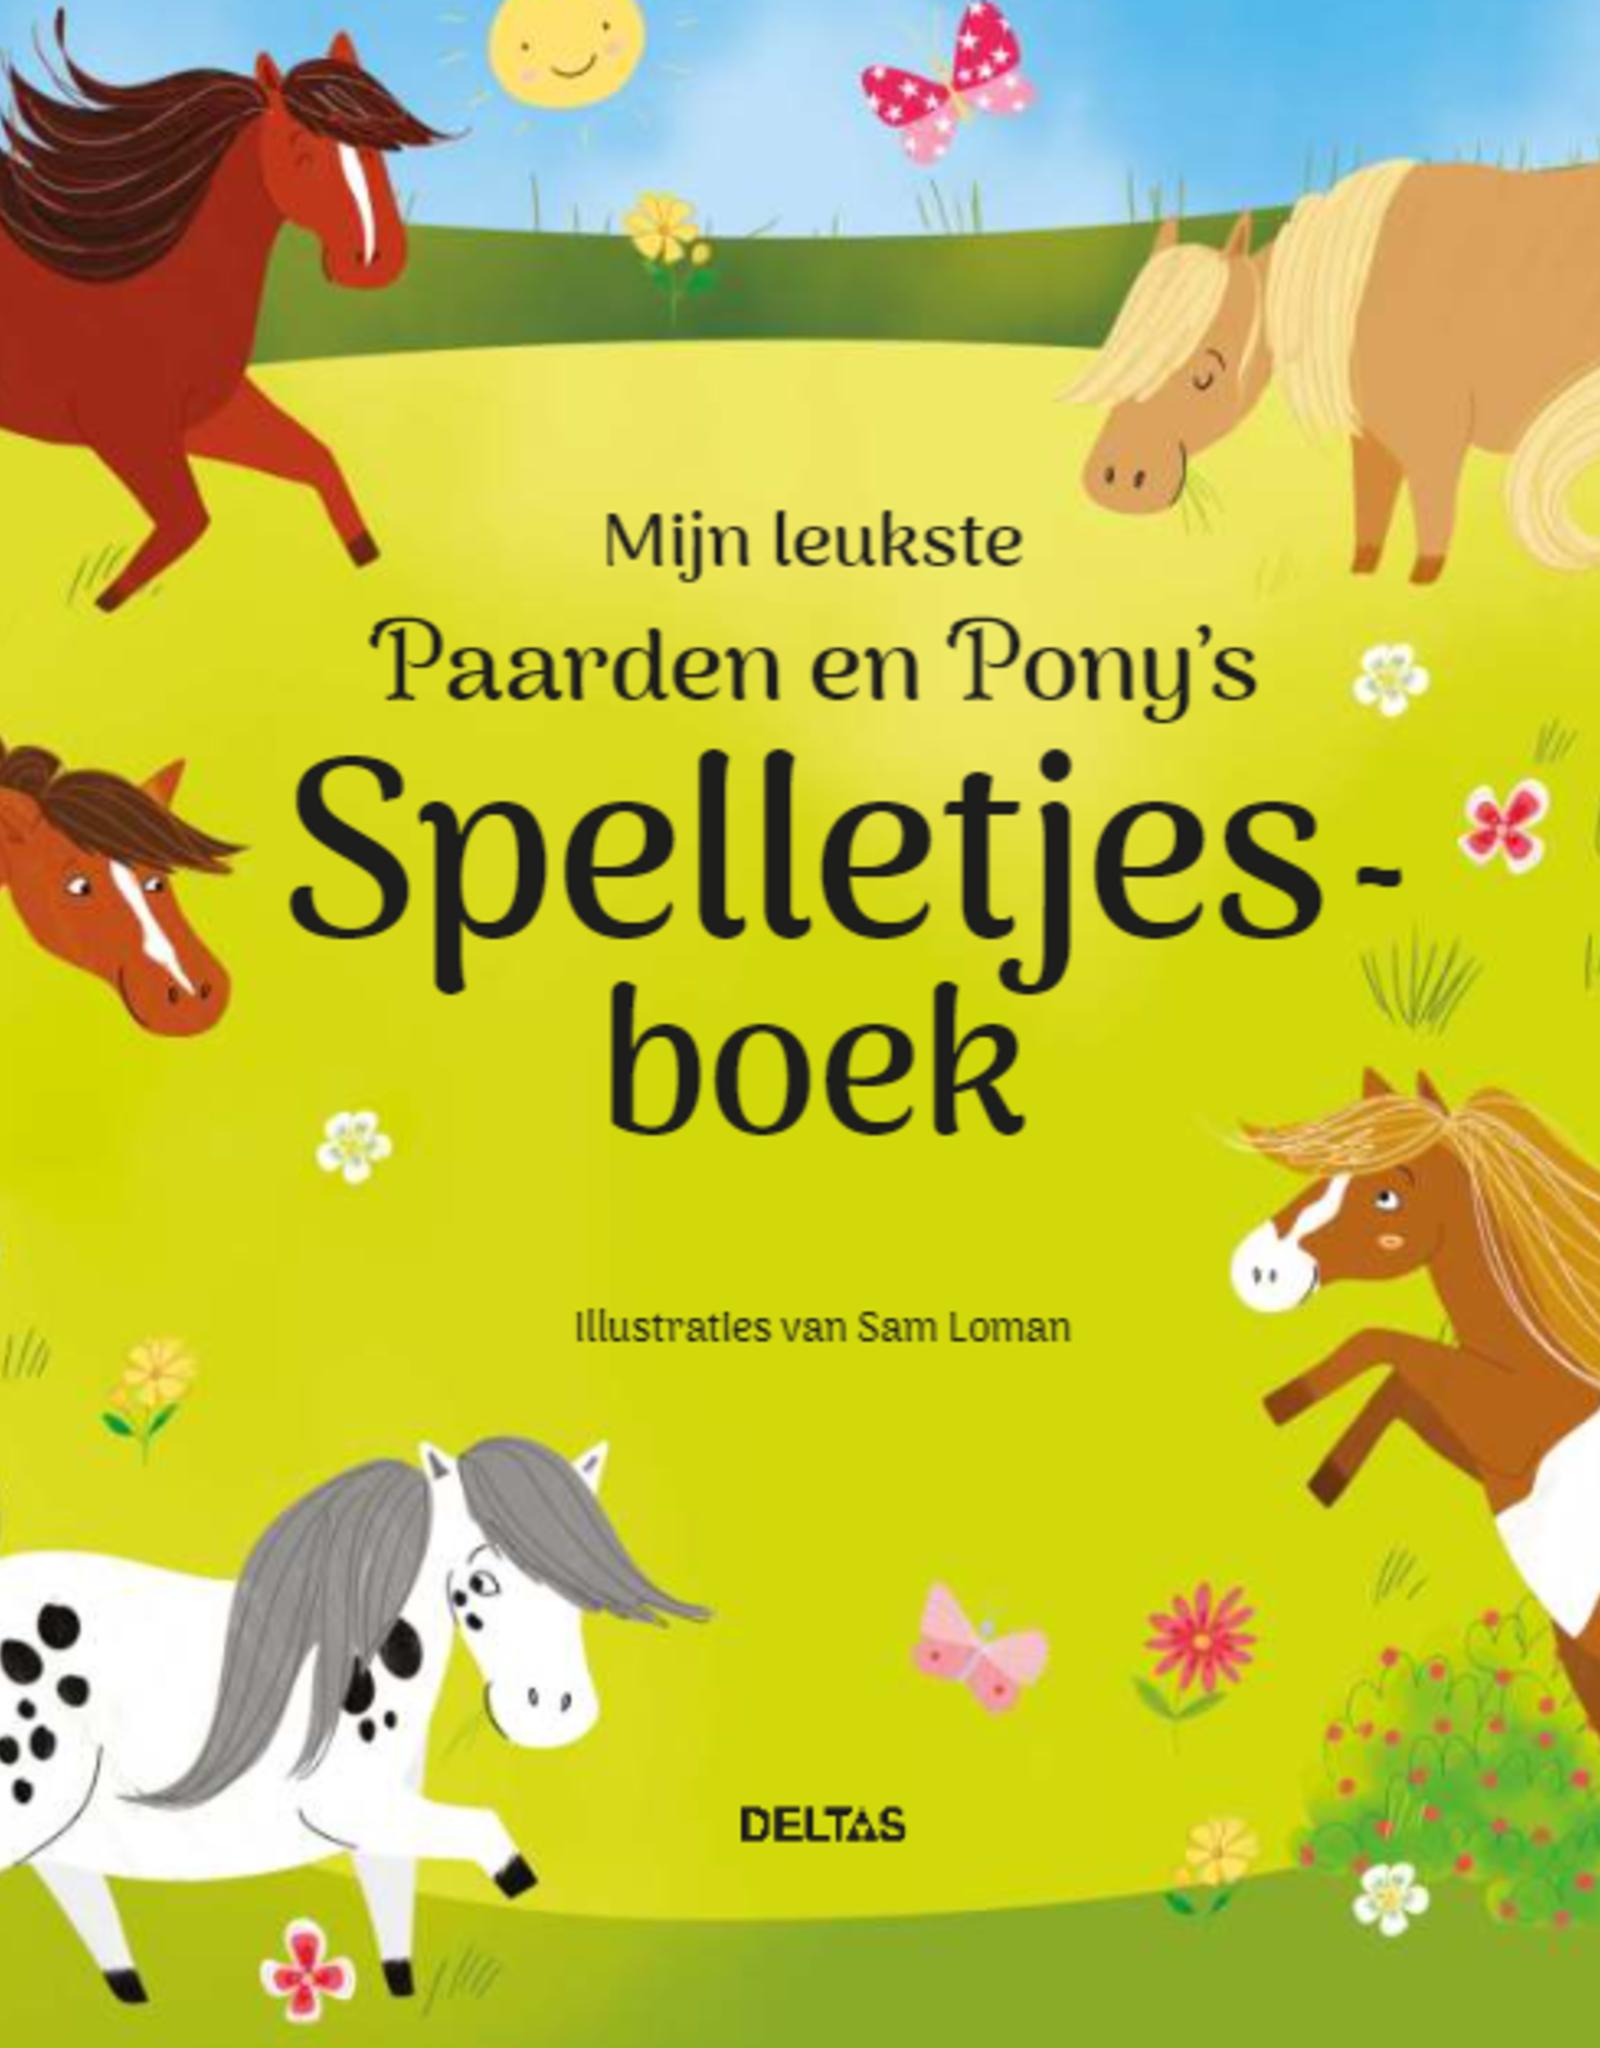 Deltas Mijn leukste Paarden en Pony's spelletjesboek +7jr - Deltas